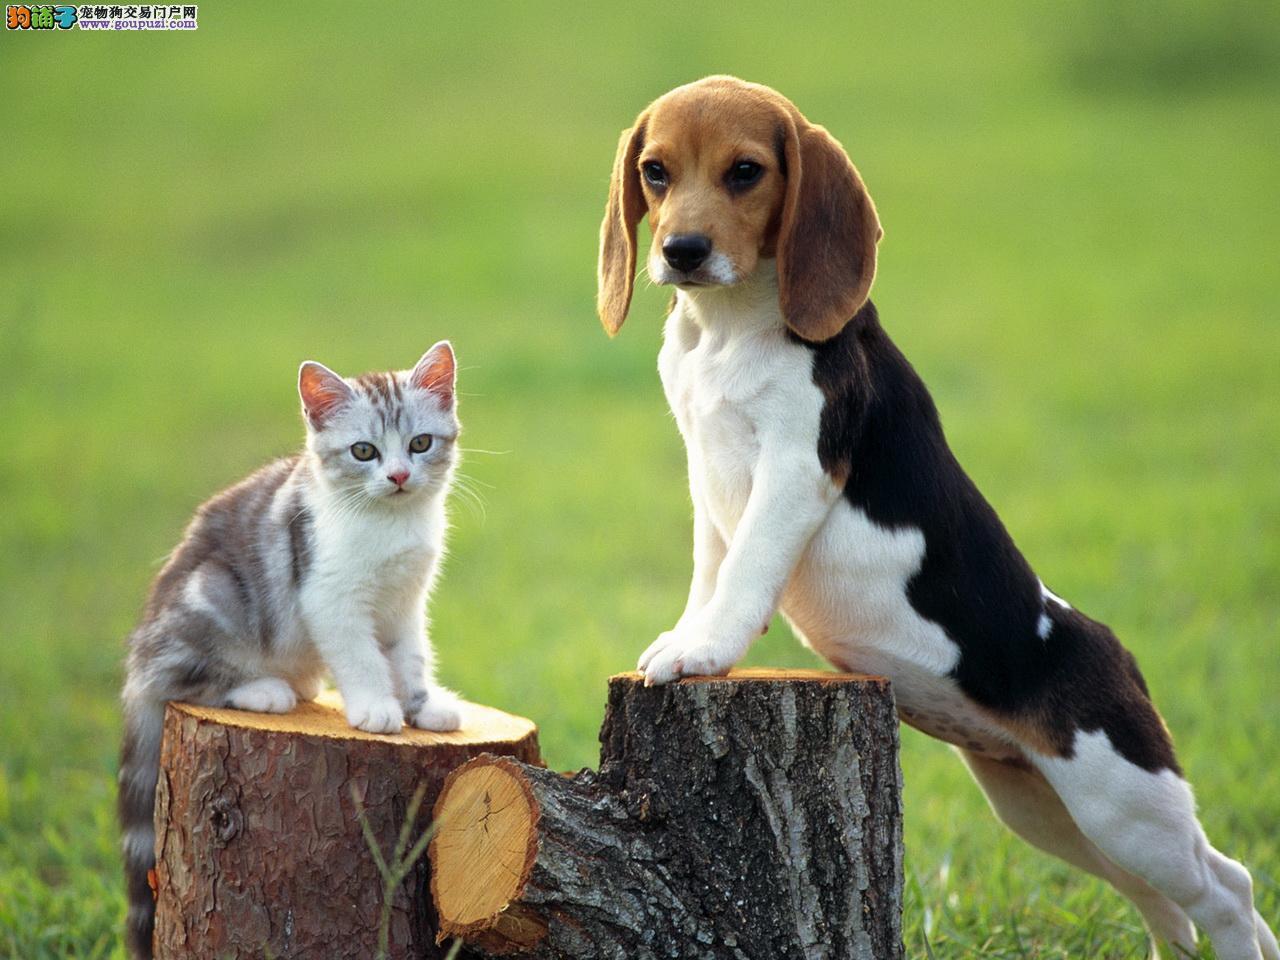 纯种比格犬,猎犬聪明可爱伴侣犬,健康保障